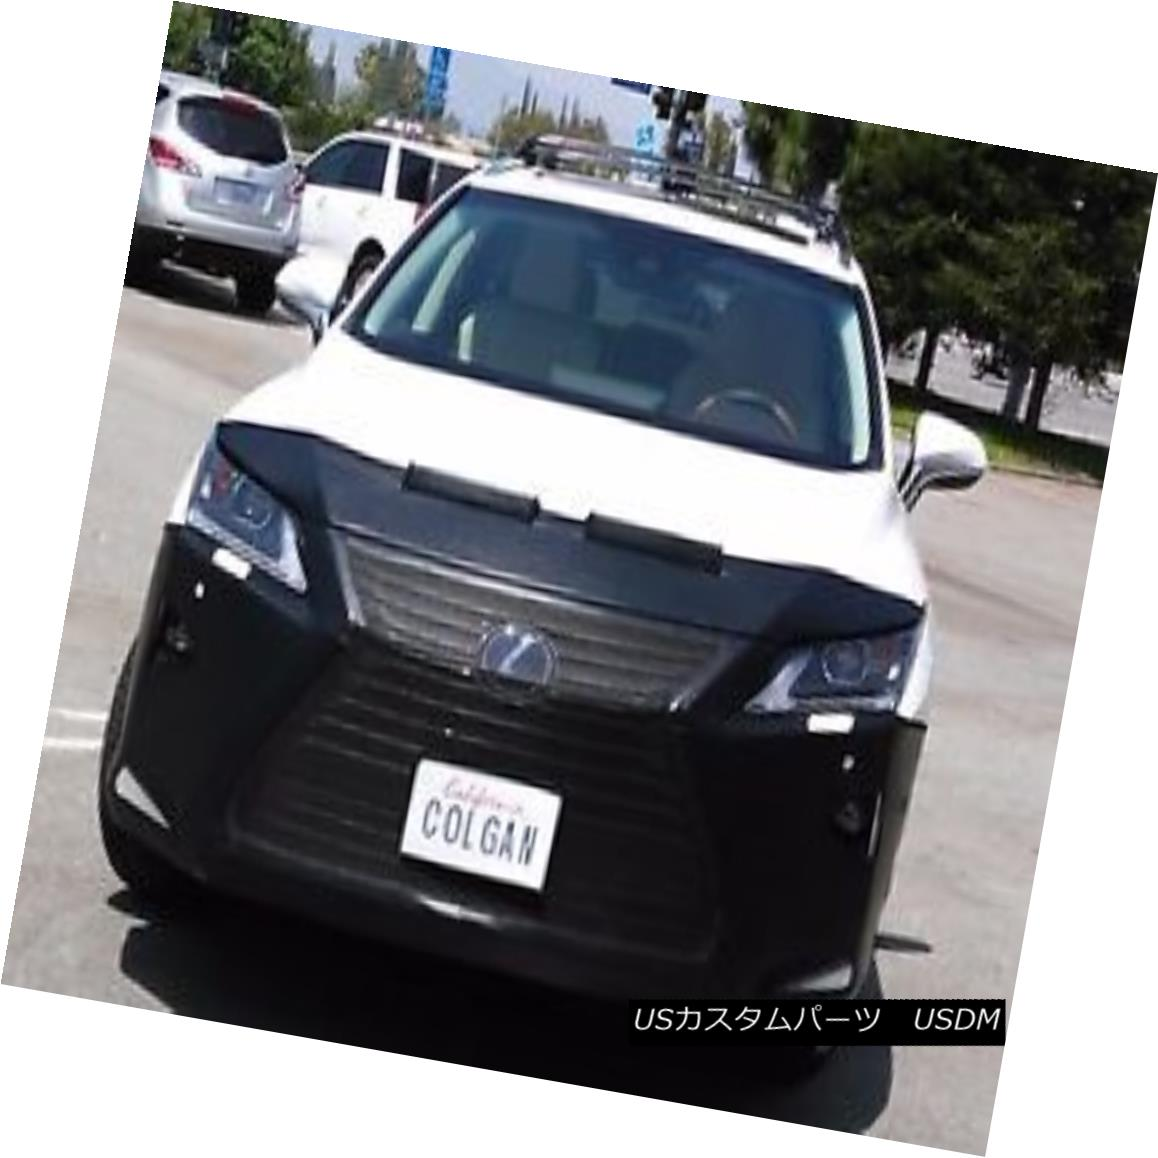 フルブラ ノーズブラ Colgan Front End Mask Bra 2pc. Fits 16-17 Lexus RX350 & RX450H W/O Licen,W/sensr コルガンフロントエンドマスクブラ2pc フィット16-17レクサスRX350& RX450H W / Oライセンス、W / sensr